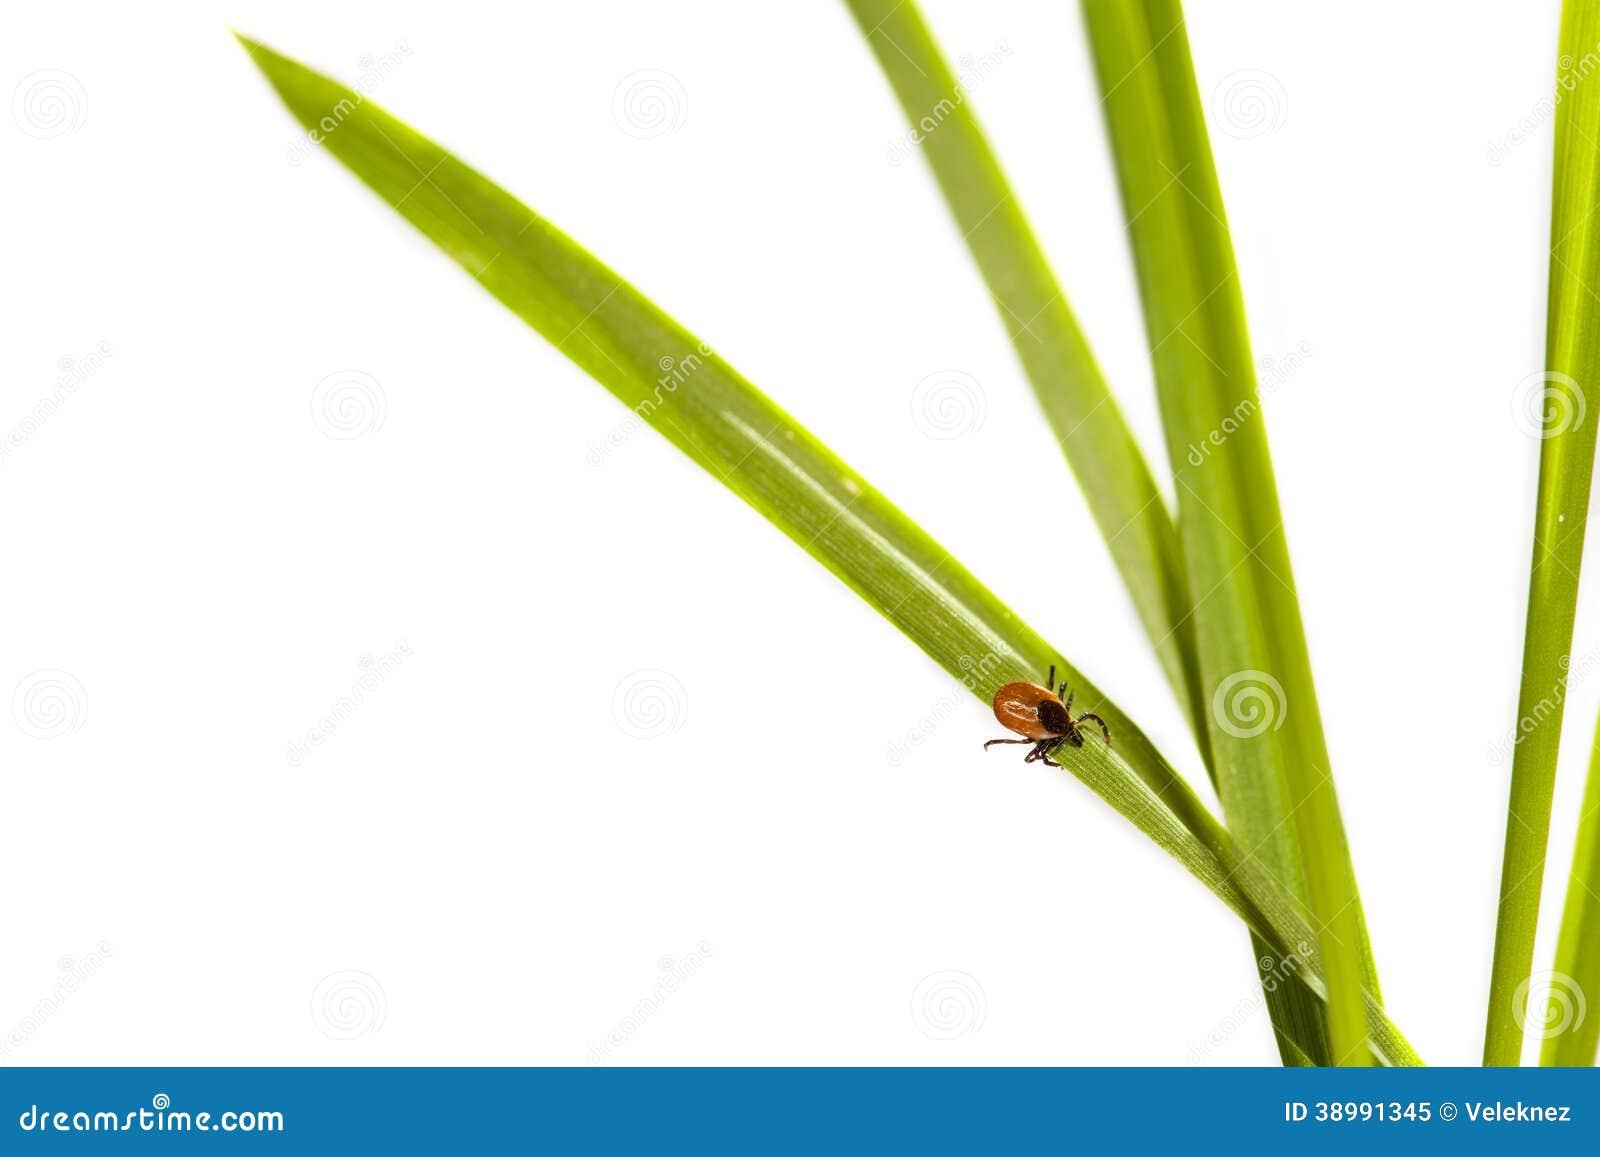 Gros coutil sur une feuille verte.